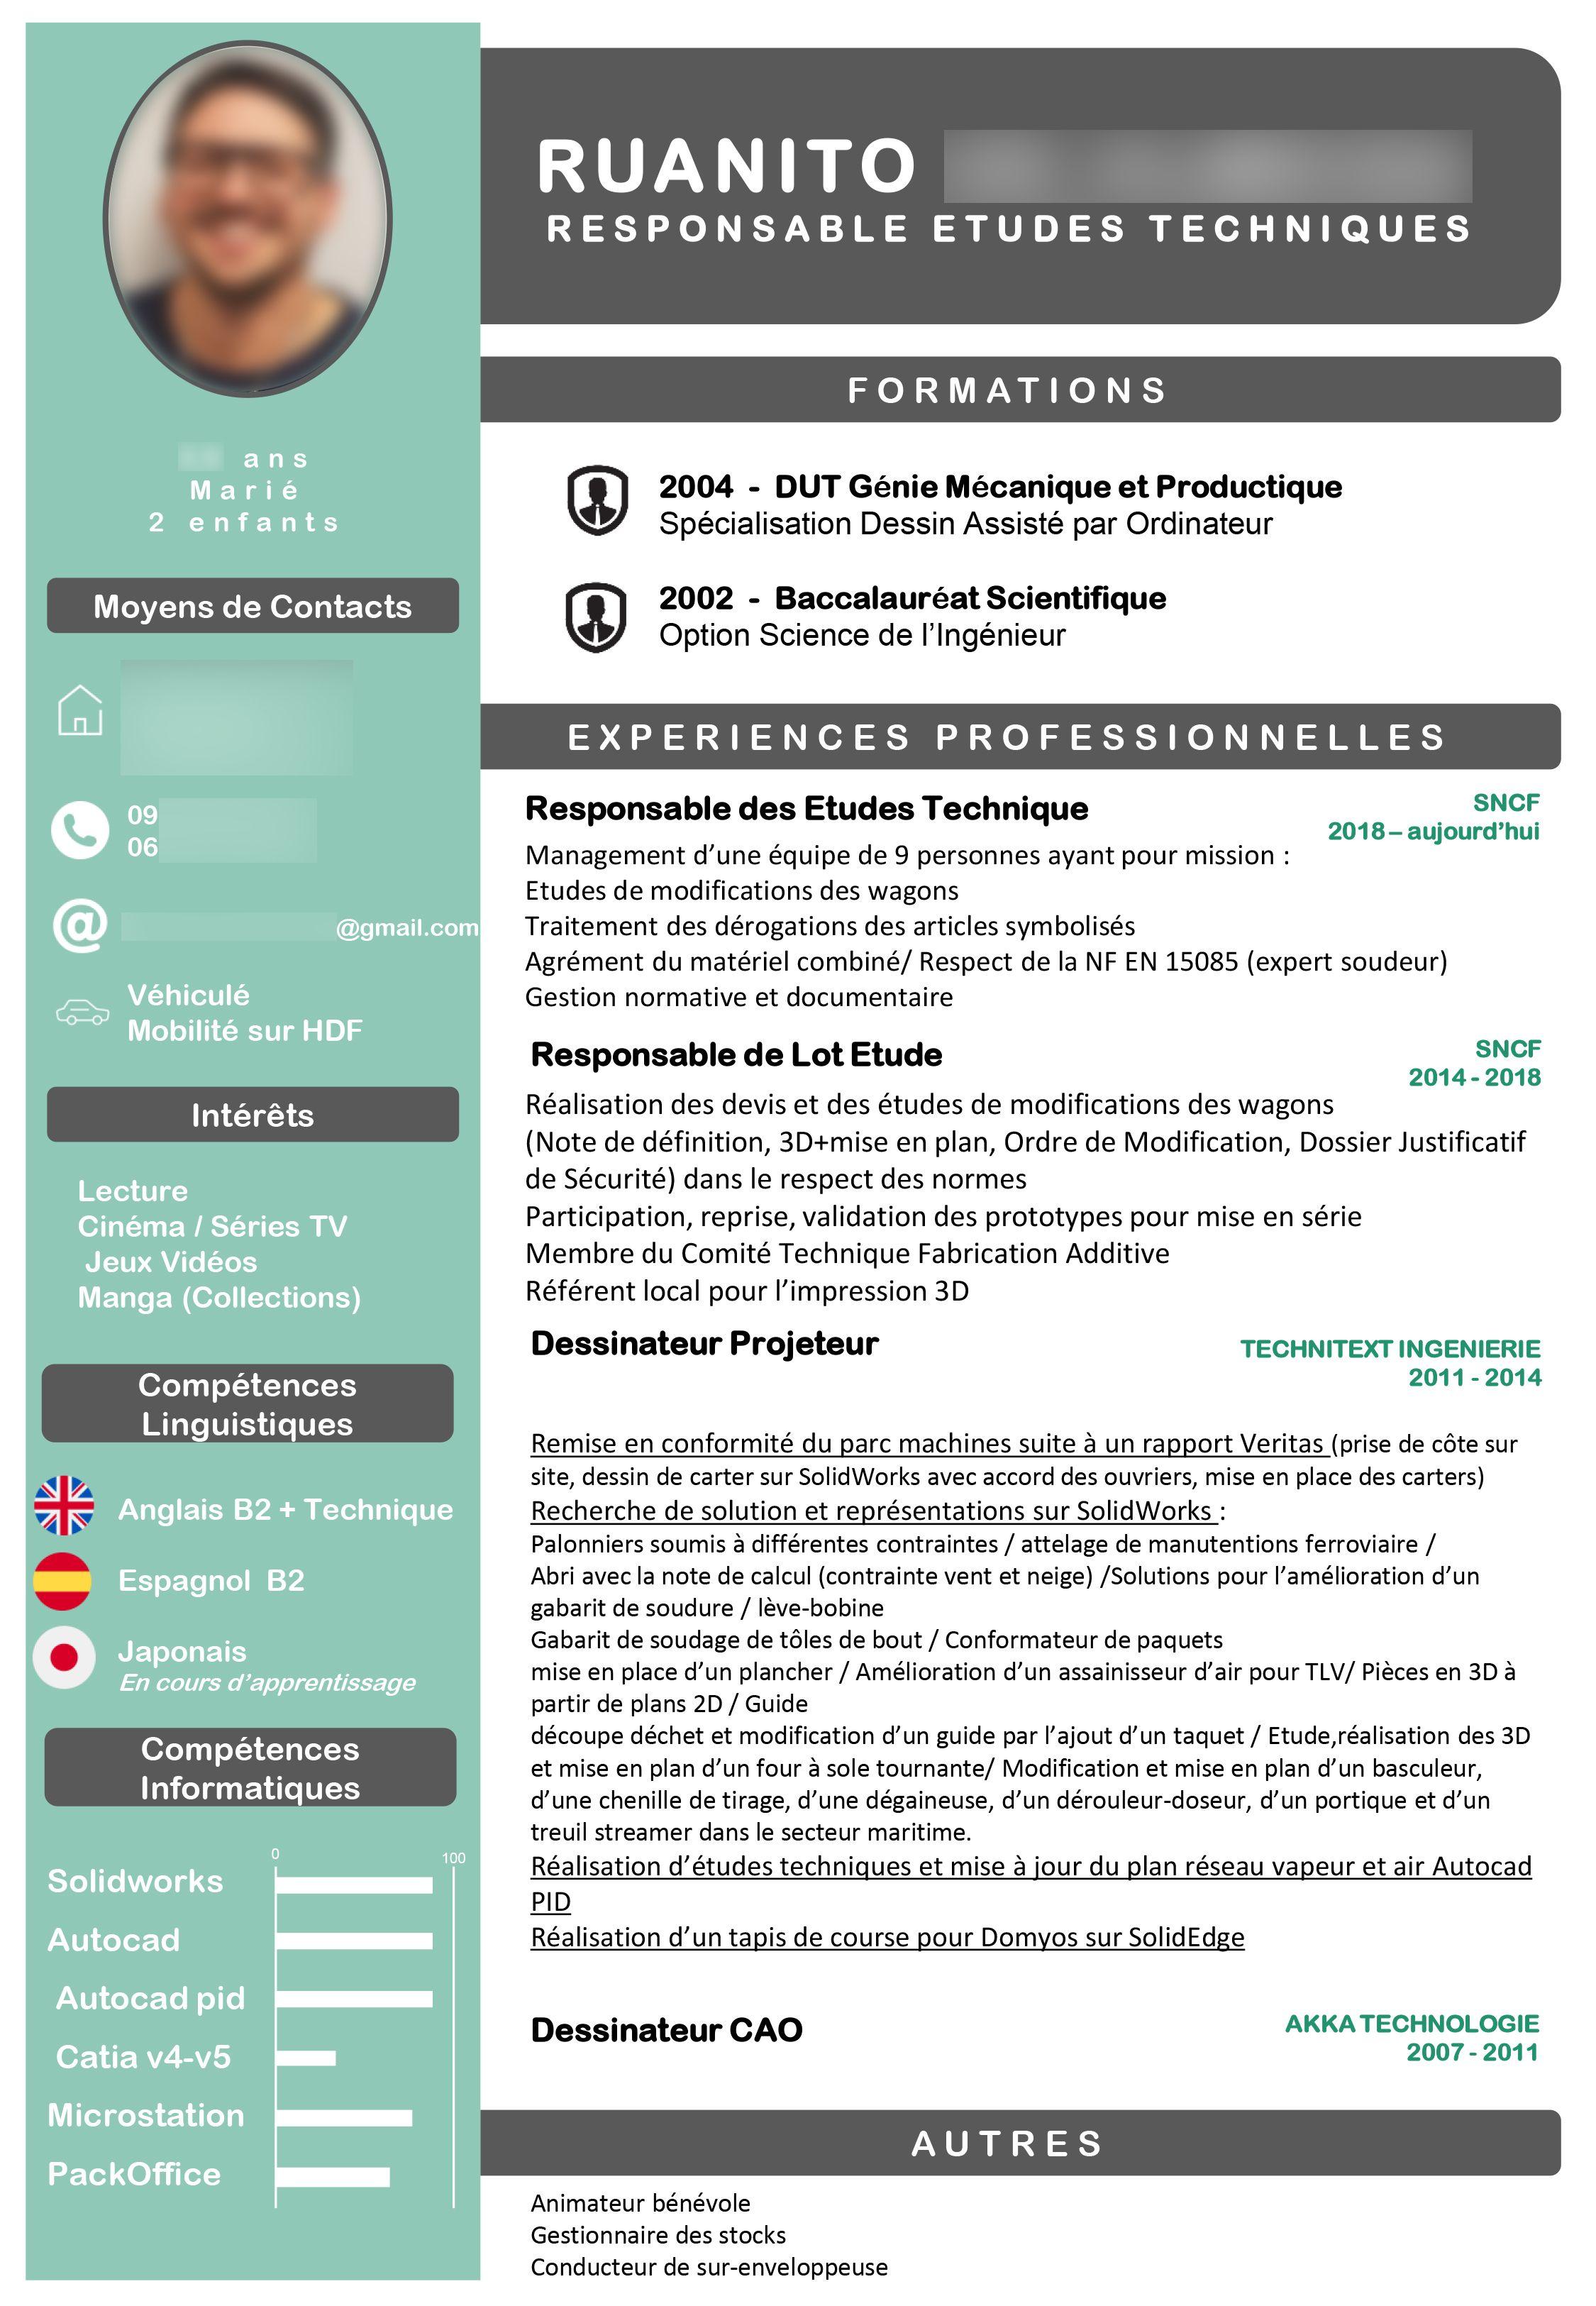 Cv Professionnel Documents Administratifs Genie Mecanique Cv Professionnel